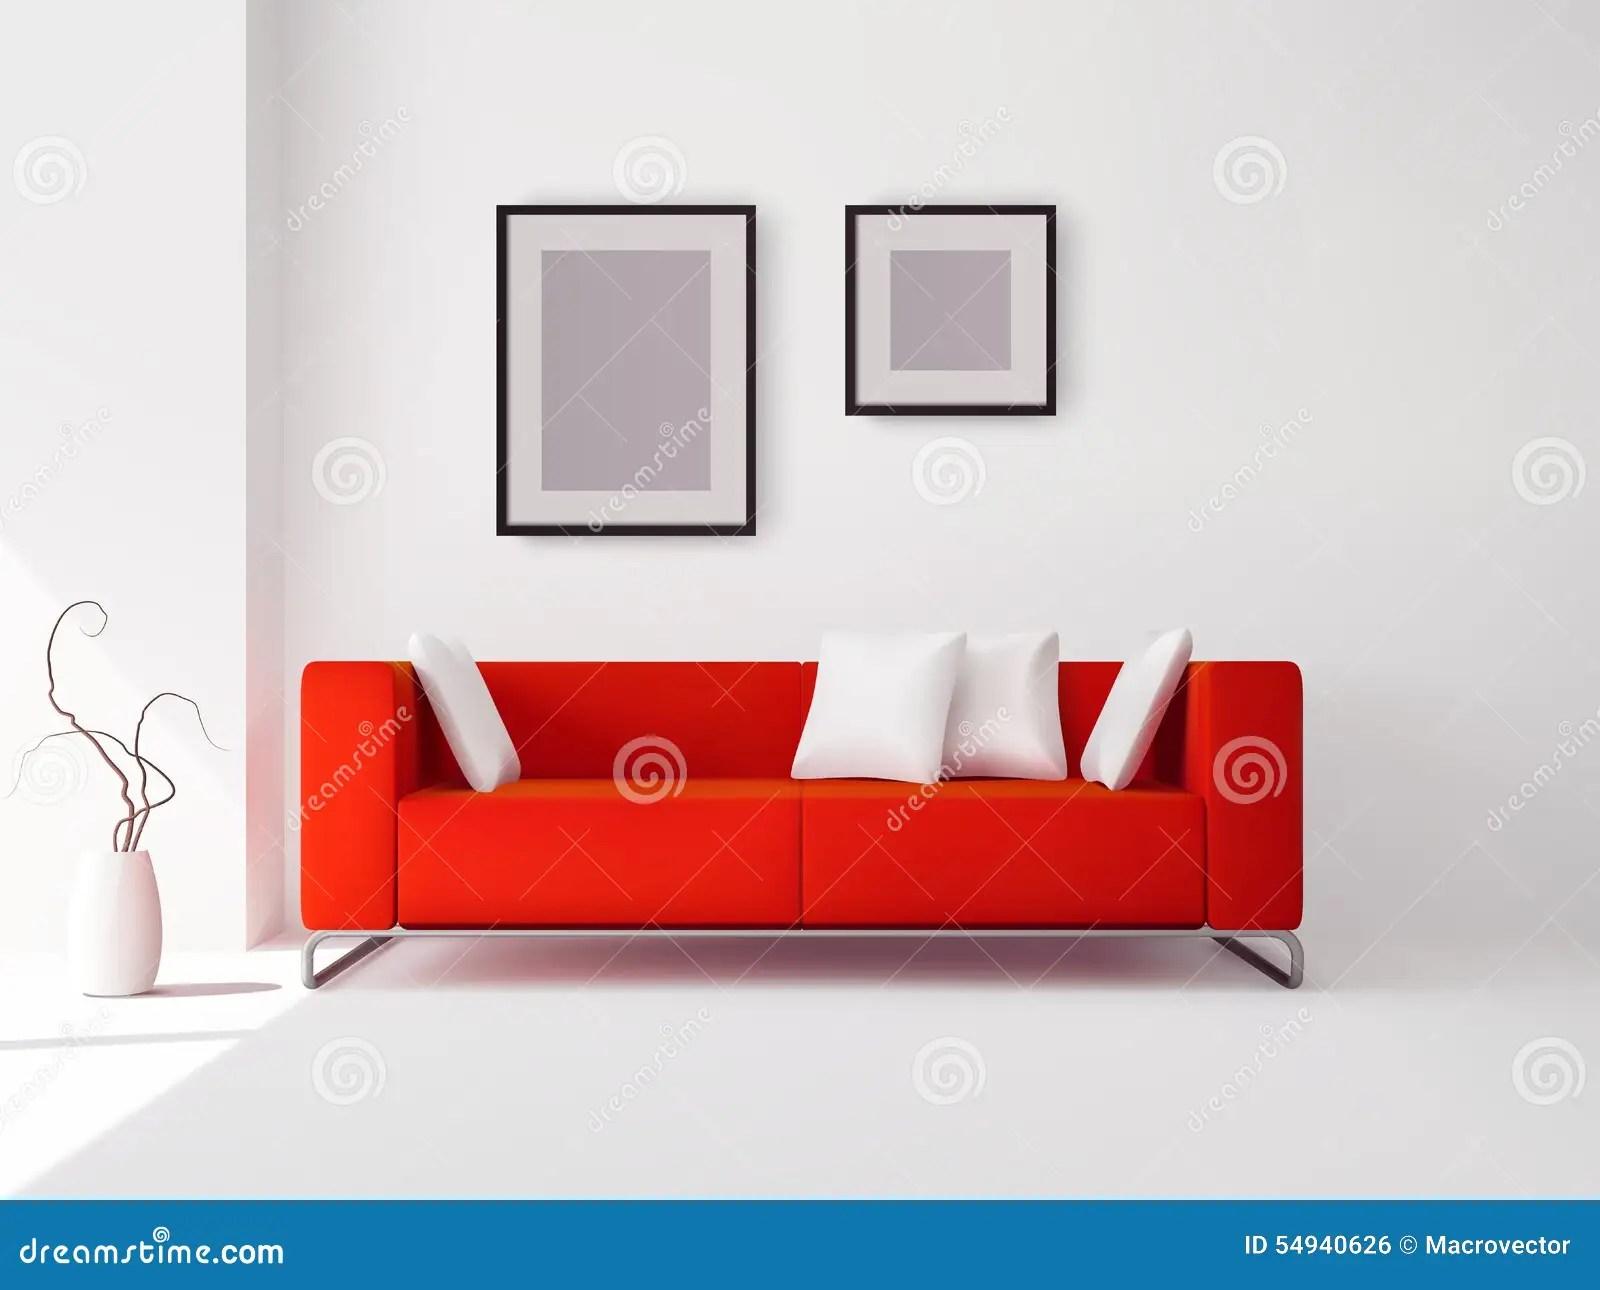 framed prints for kitchens outdoor kitchen design software 有枕头和框架的红色沙发向量例证 插画包括有现代 设计 海报 艺术 有枕头和框架的红色沙发